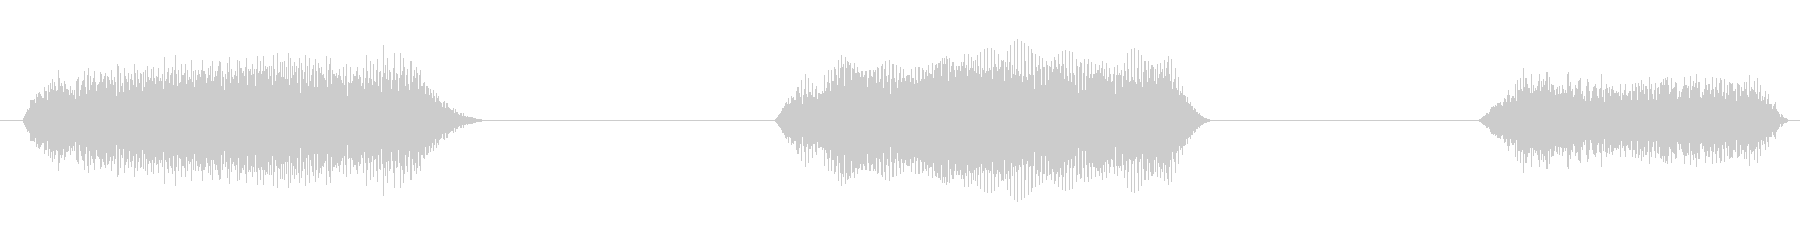 オーケストラ ホーンズコードミステ...の未再生の波形